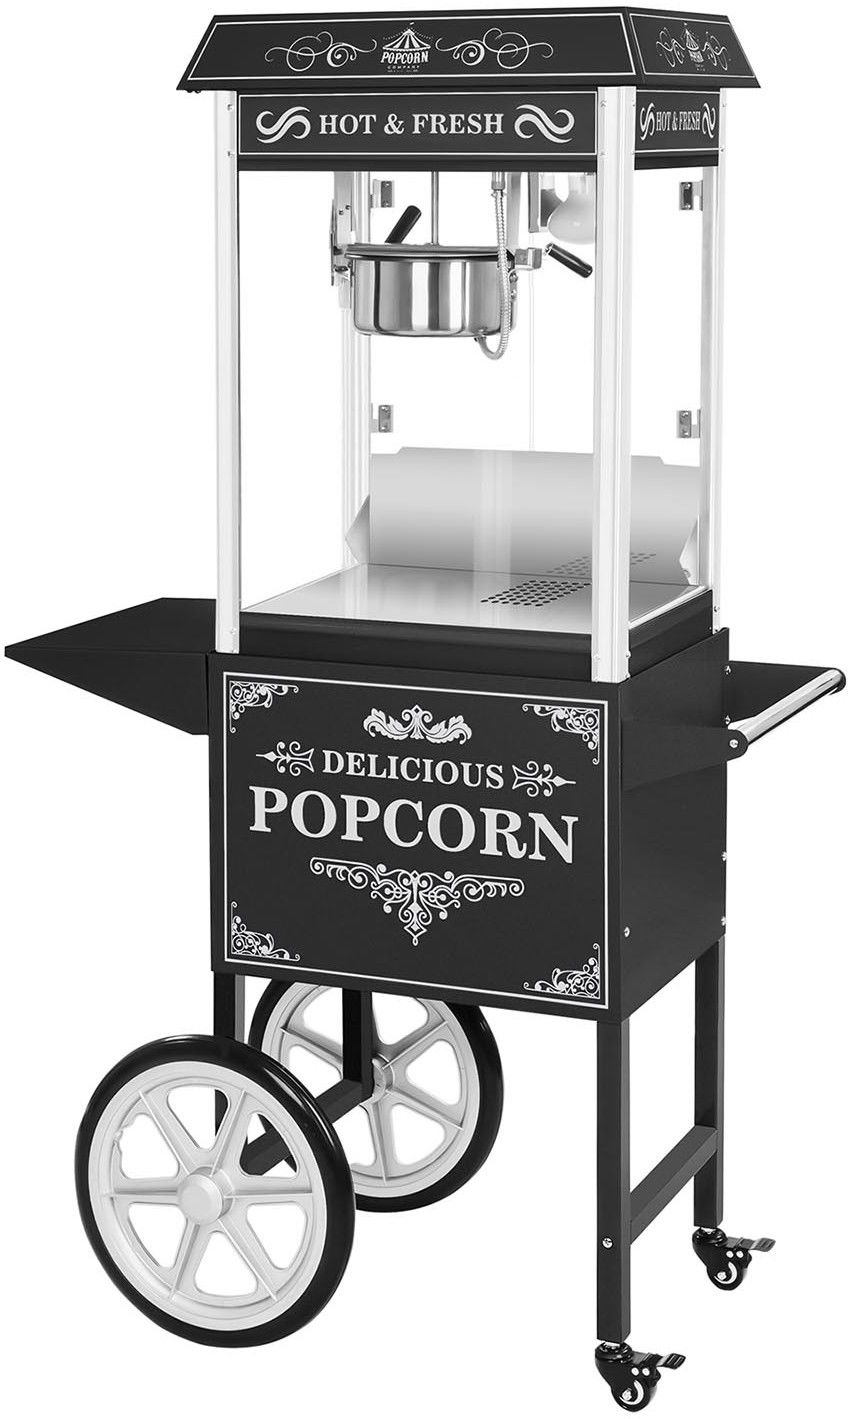 Maszyna do popcornu - wózek - czarna + Żarówka LED RGB - Royal Catering - RCPW-16.2 Popcorn Machine LED Set - 3 lata gwarancji/wysyłka w 24h